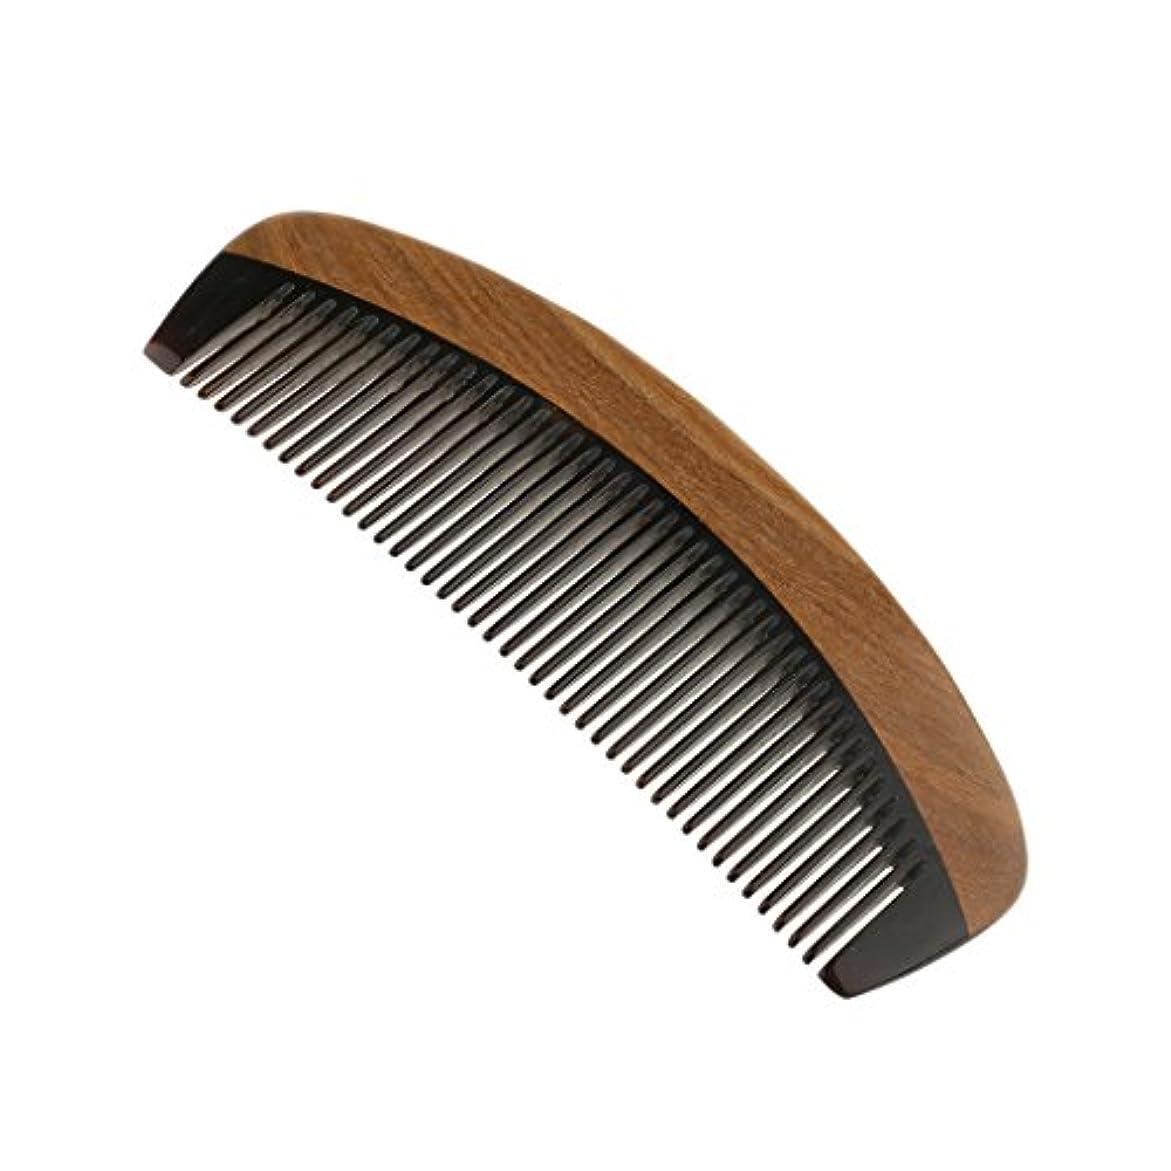 構成するブラウズぎこちないウッドコーム サンダルウッド ハンドメイド 櫛 静電気 ヘッドマッサージ 髪 ブラシ